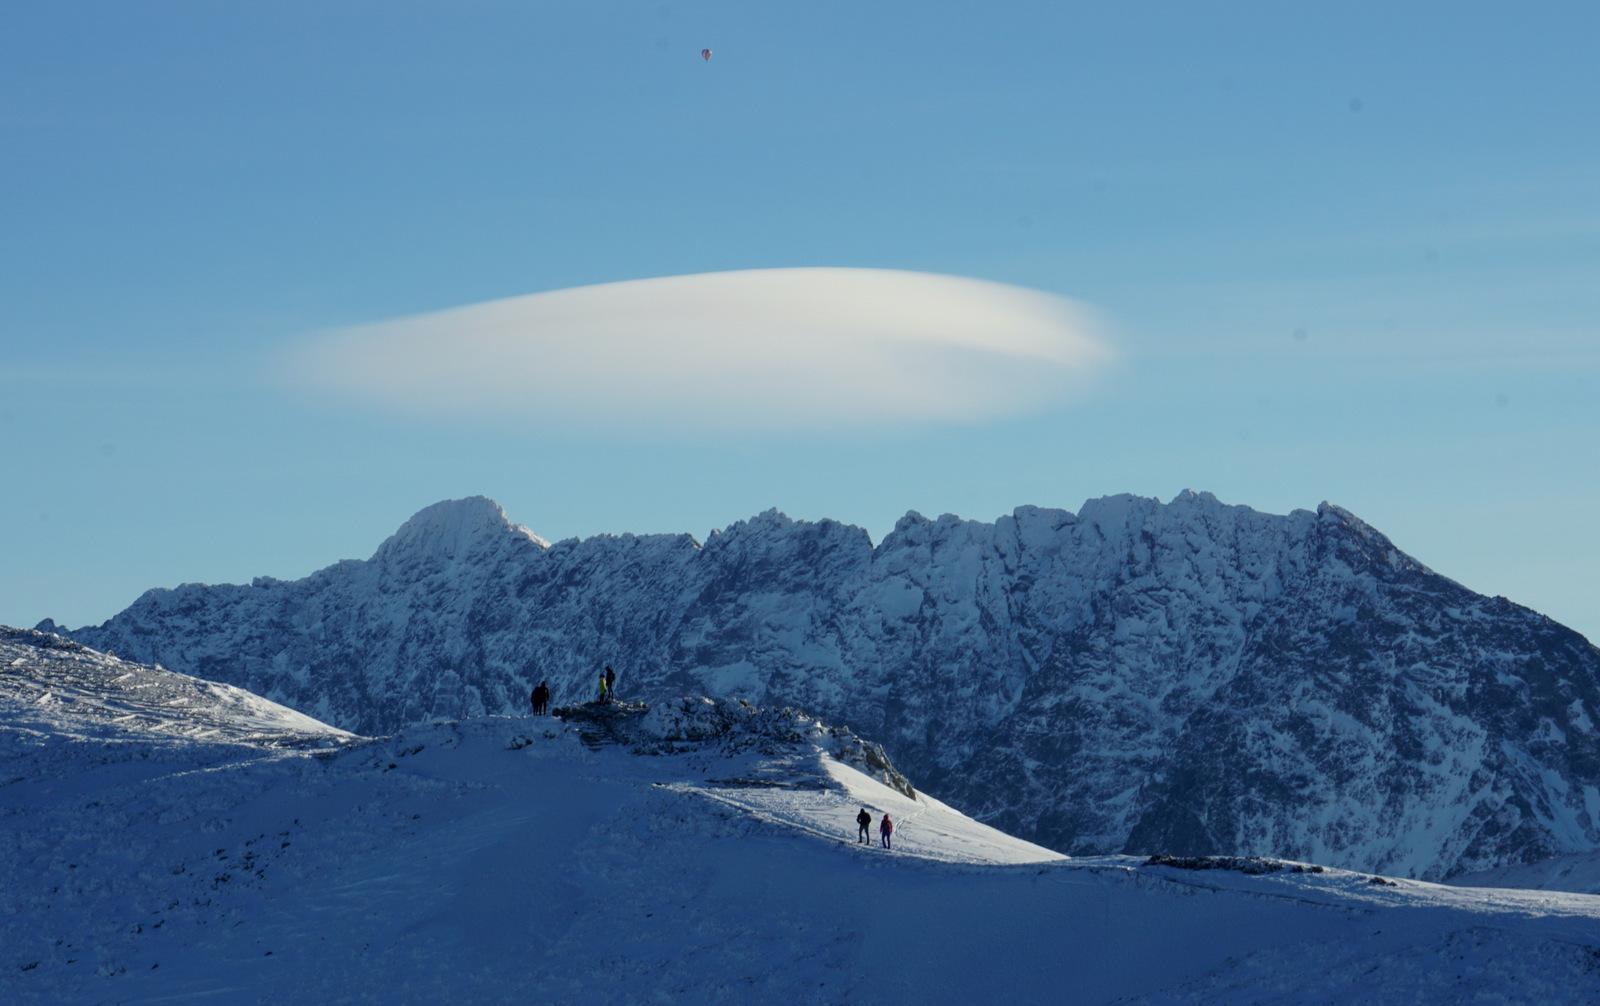 Chmury soczewkowe zwiastują halny...?